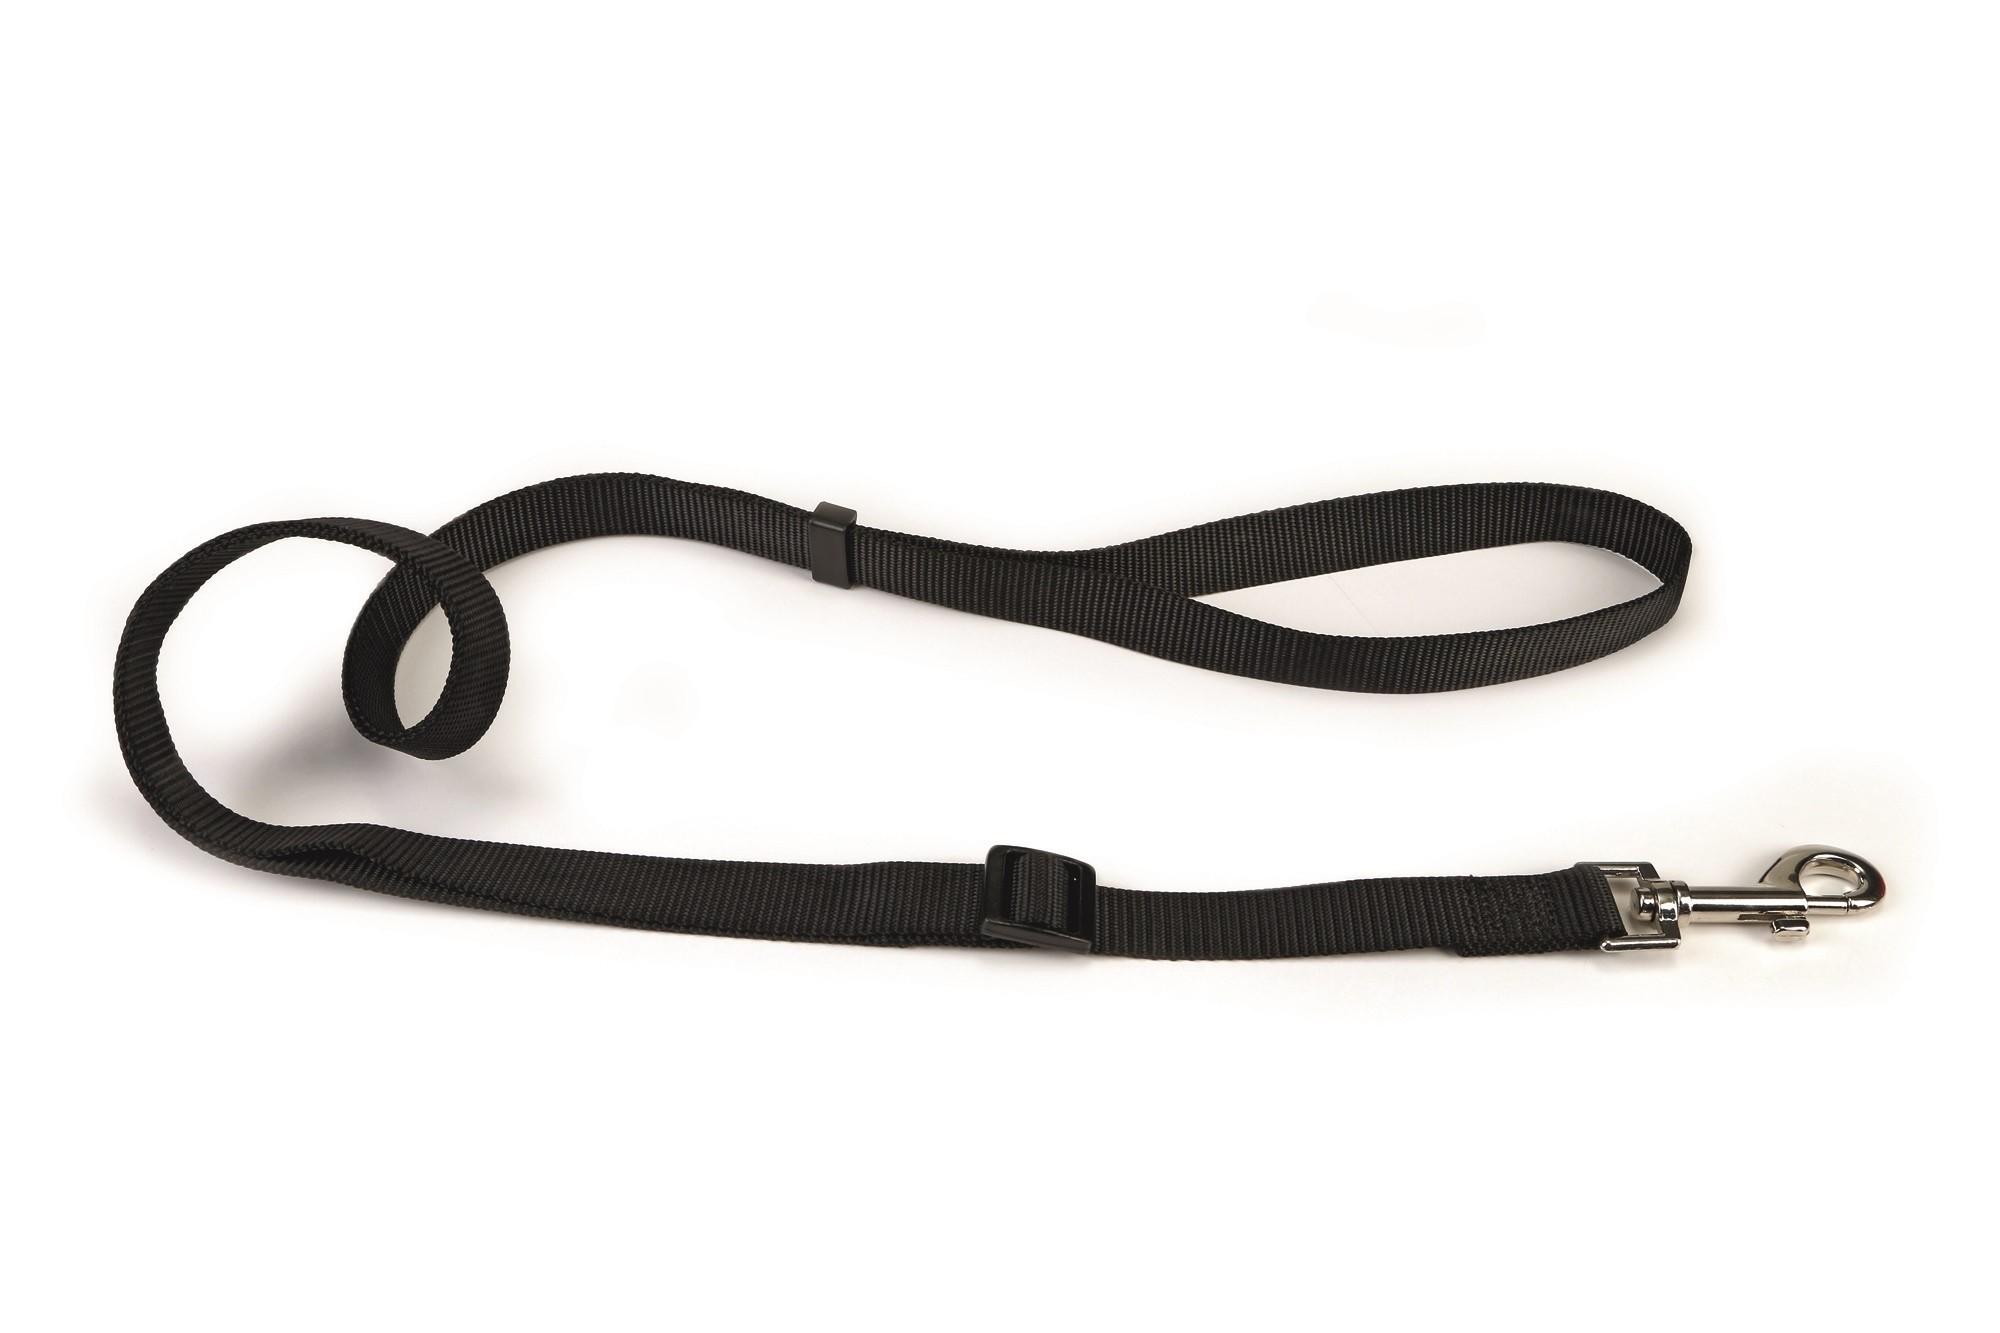 Hondenlooplijn nylon verstelbaar Beeztees zwart